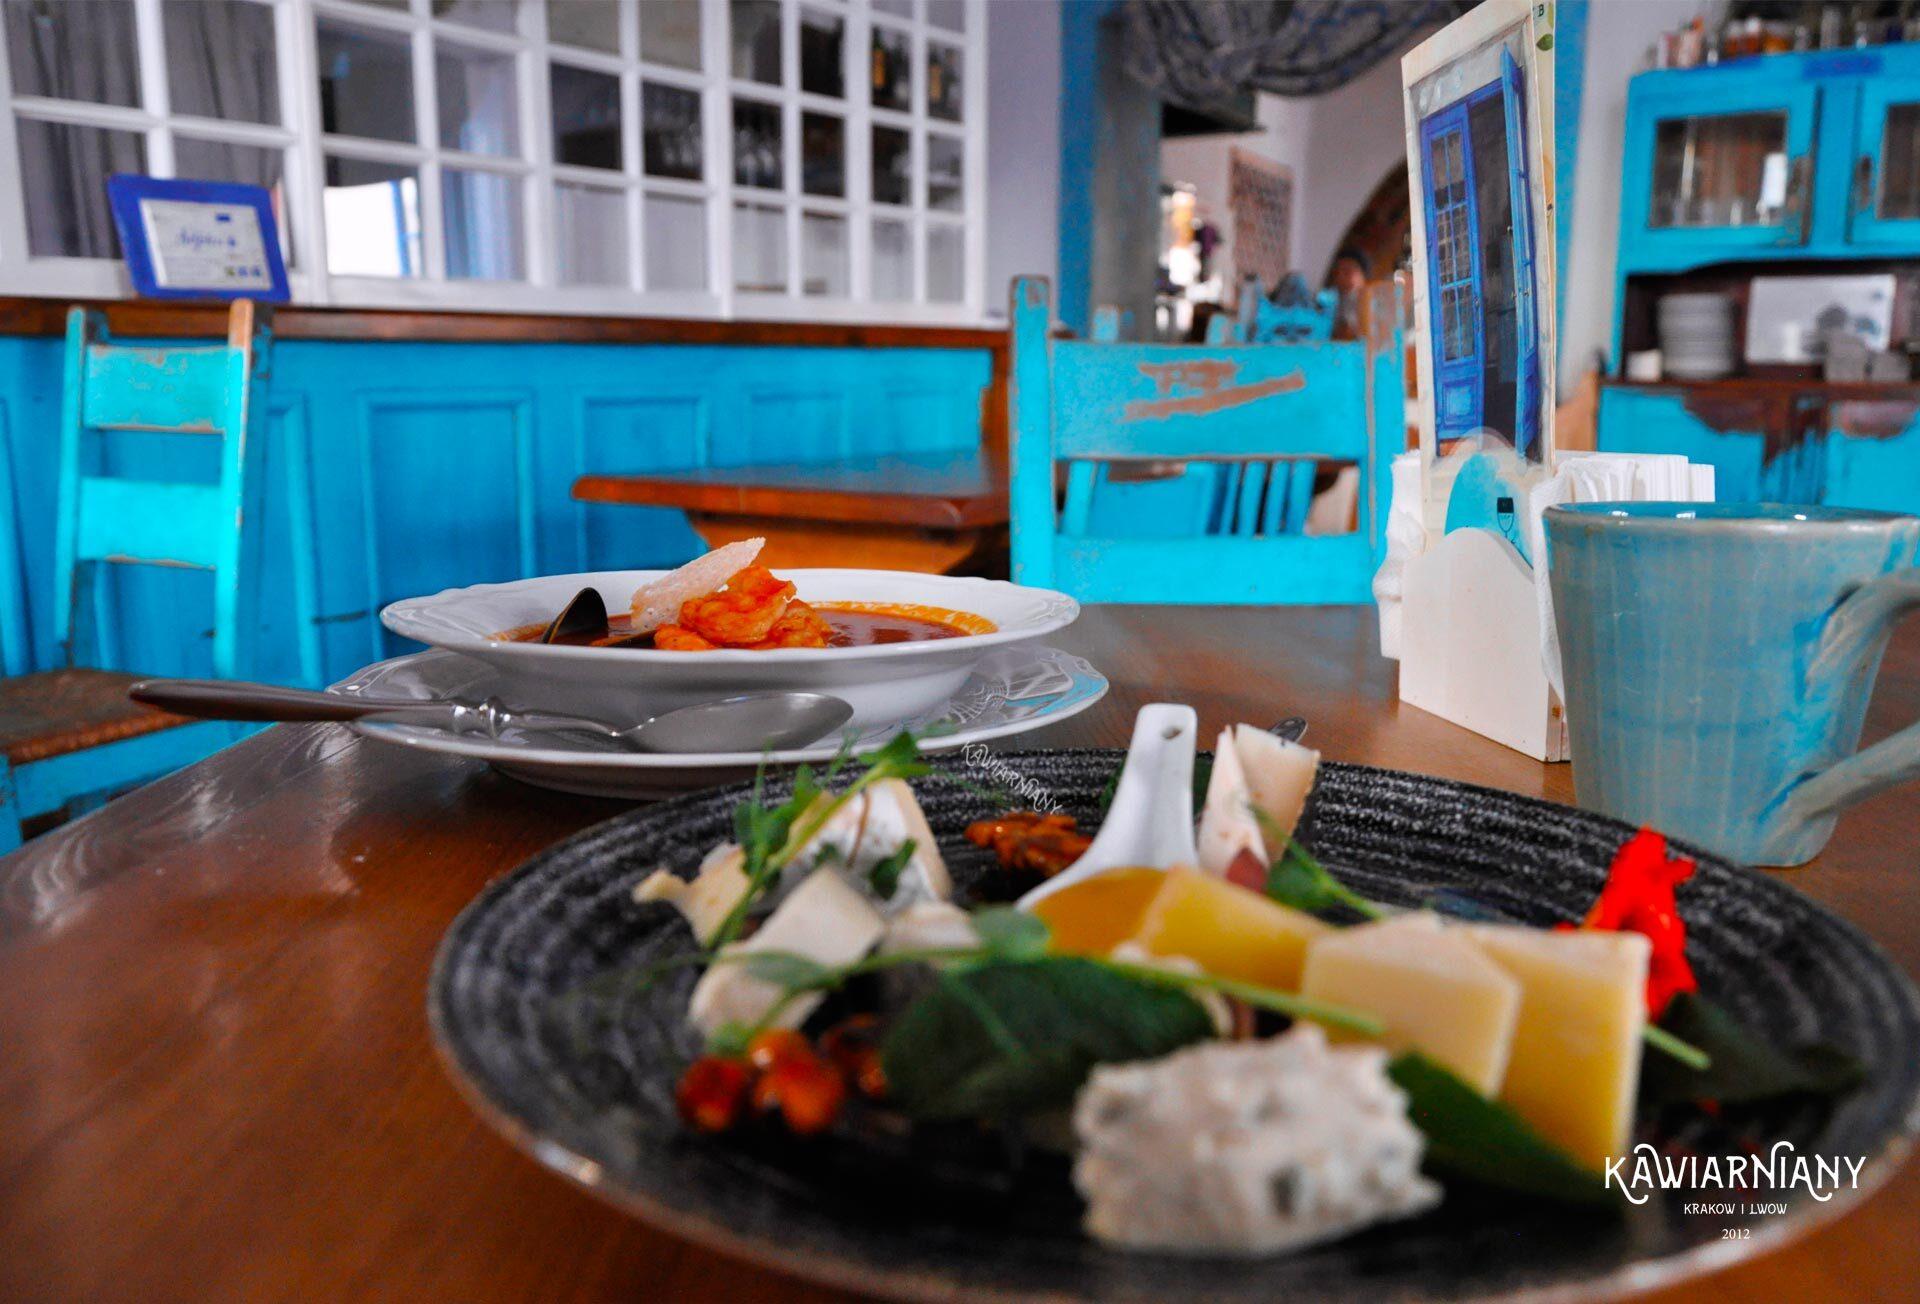 Otwarte restauracje w Łodzi. Gdzie czynne restauracje w Łodzi?